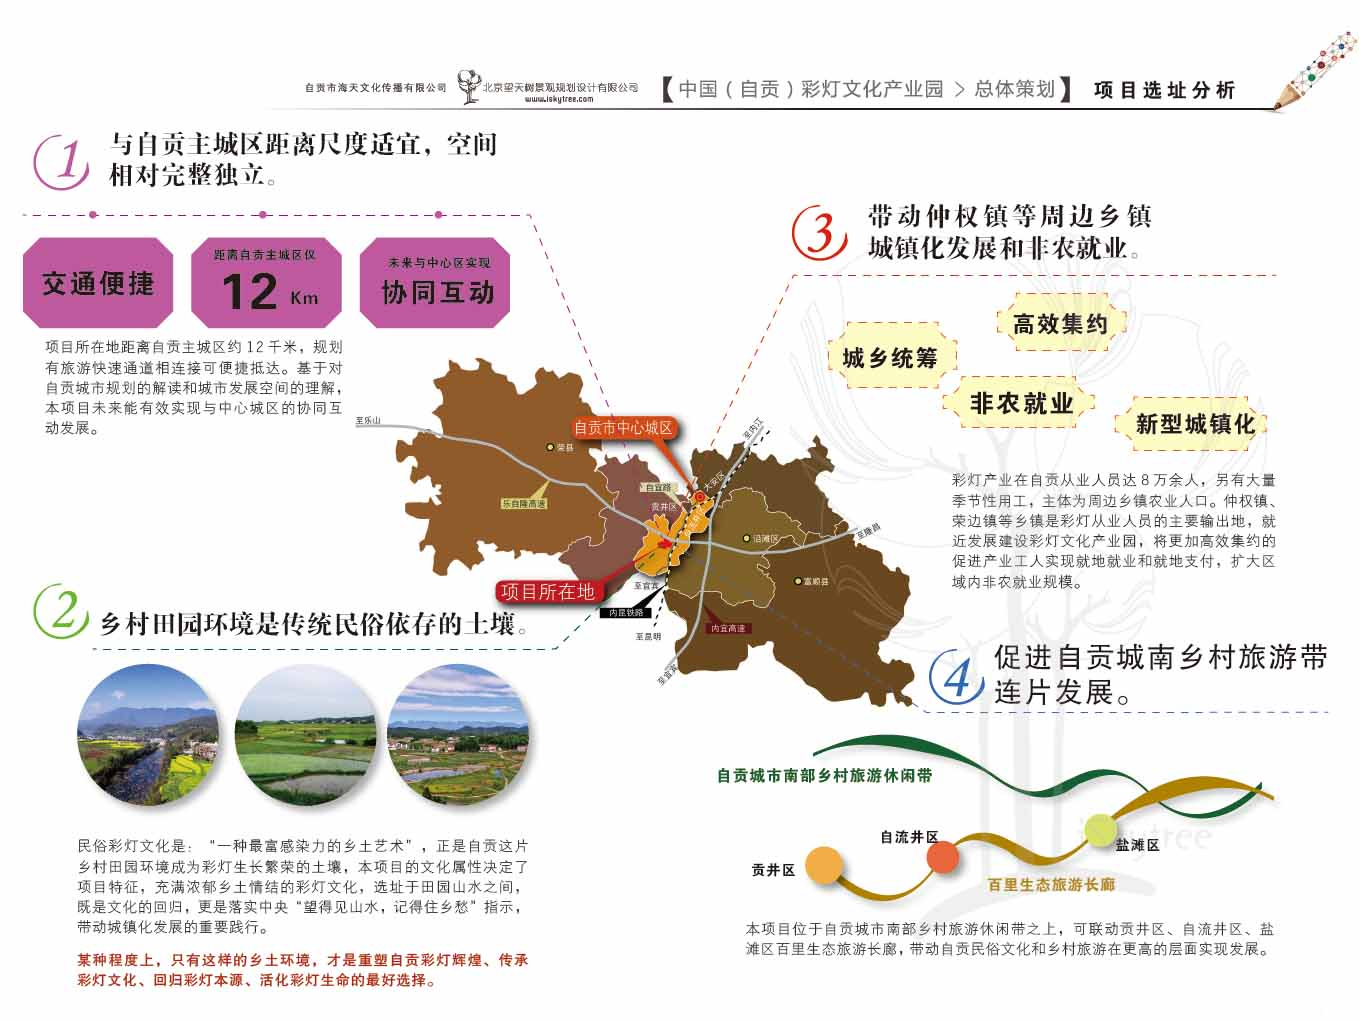 自贡彩灯文化产业园项目选址分析